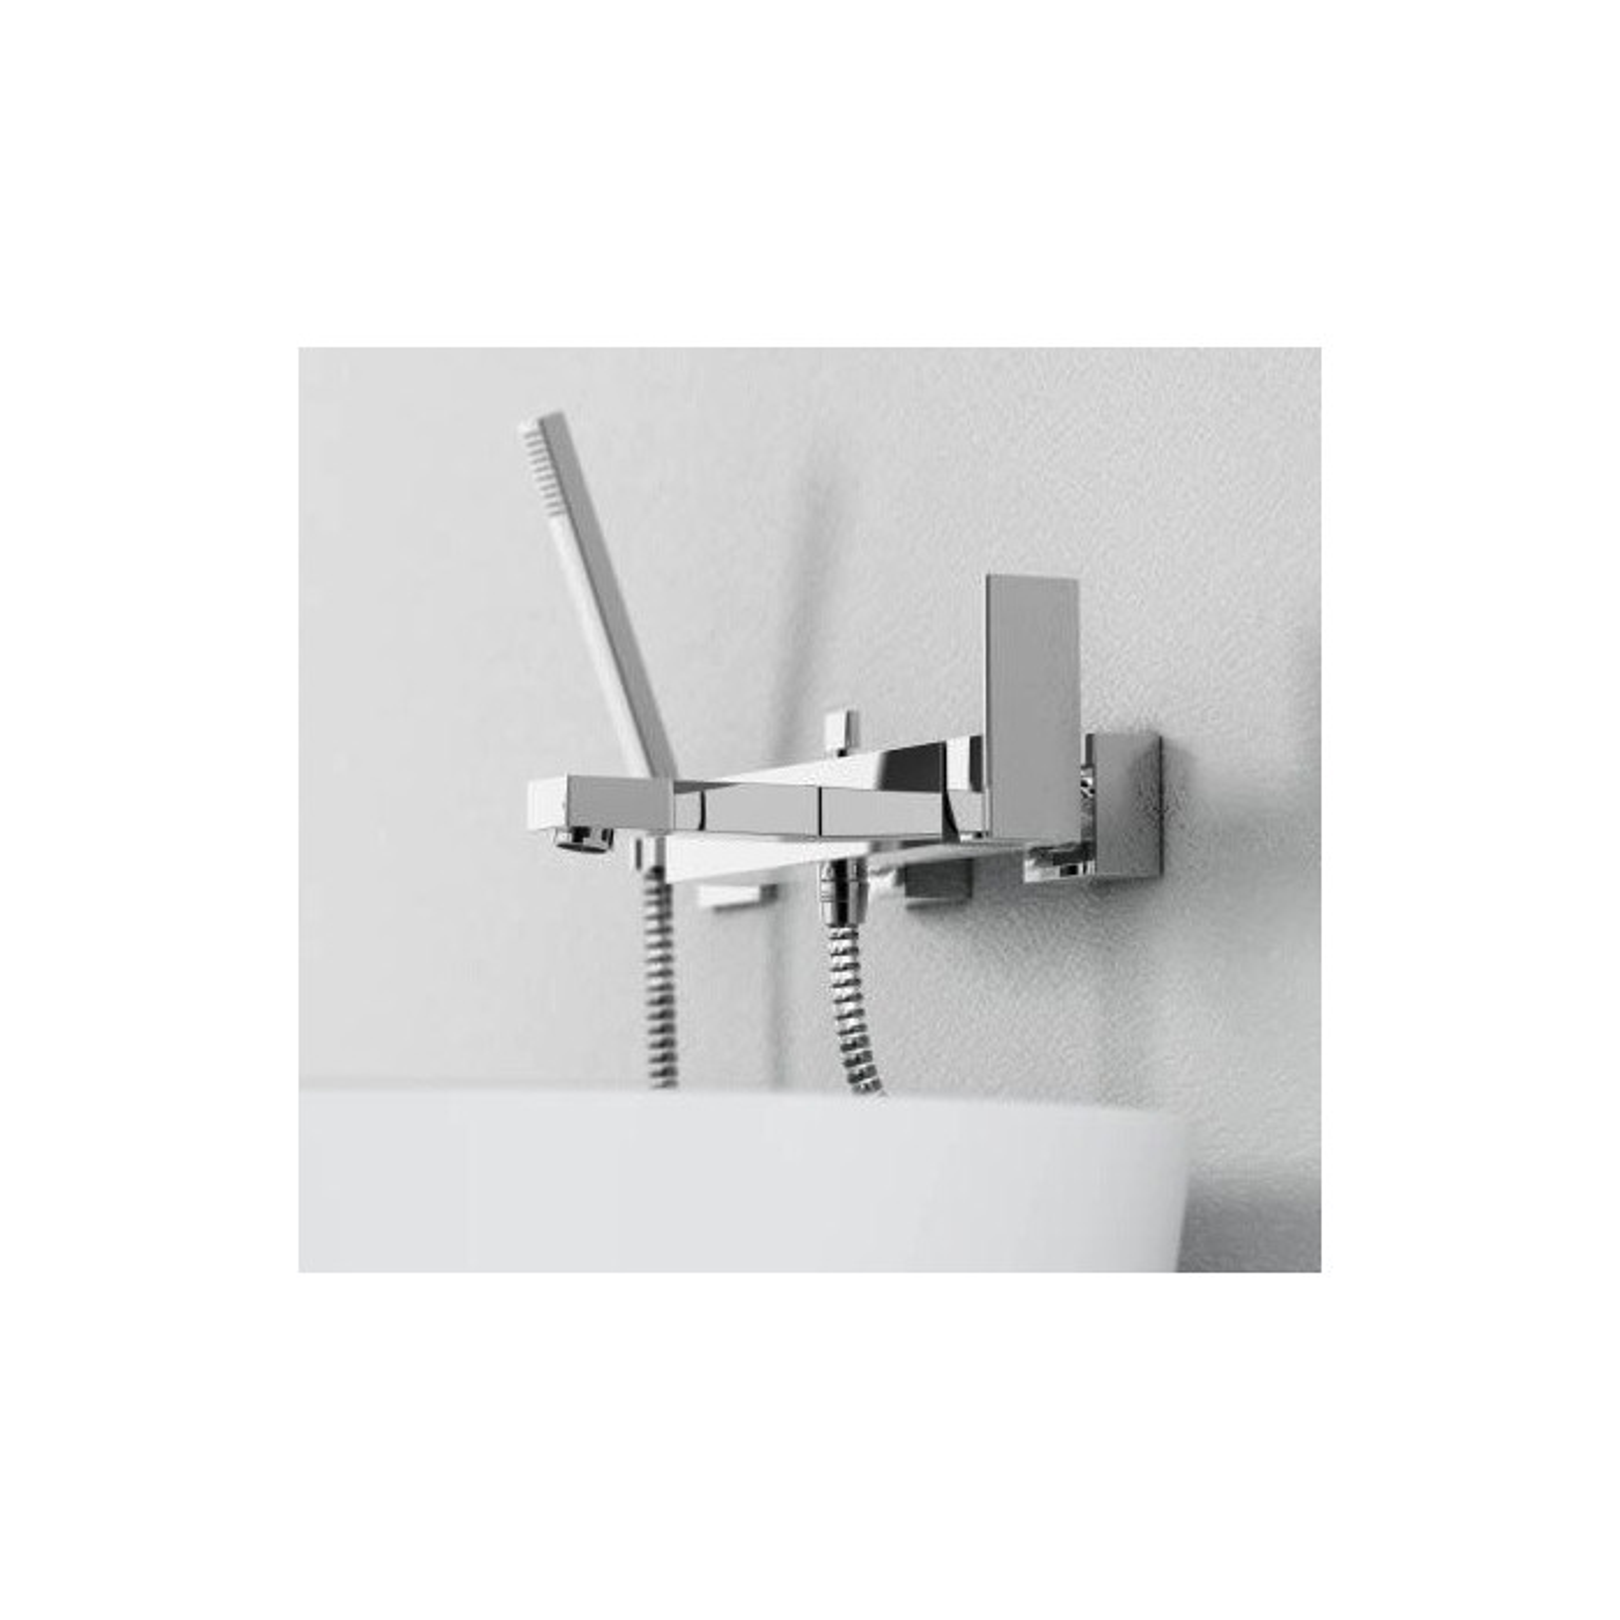 Robinetterie mitigeur baignoire avec écoulement bain, inverseur et sortie douchette , 1601110